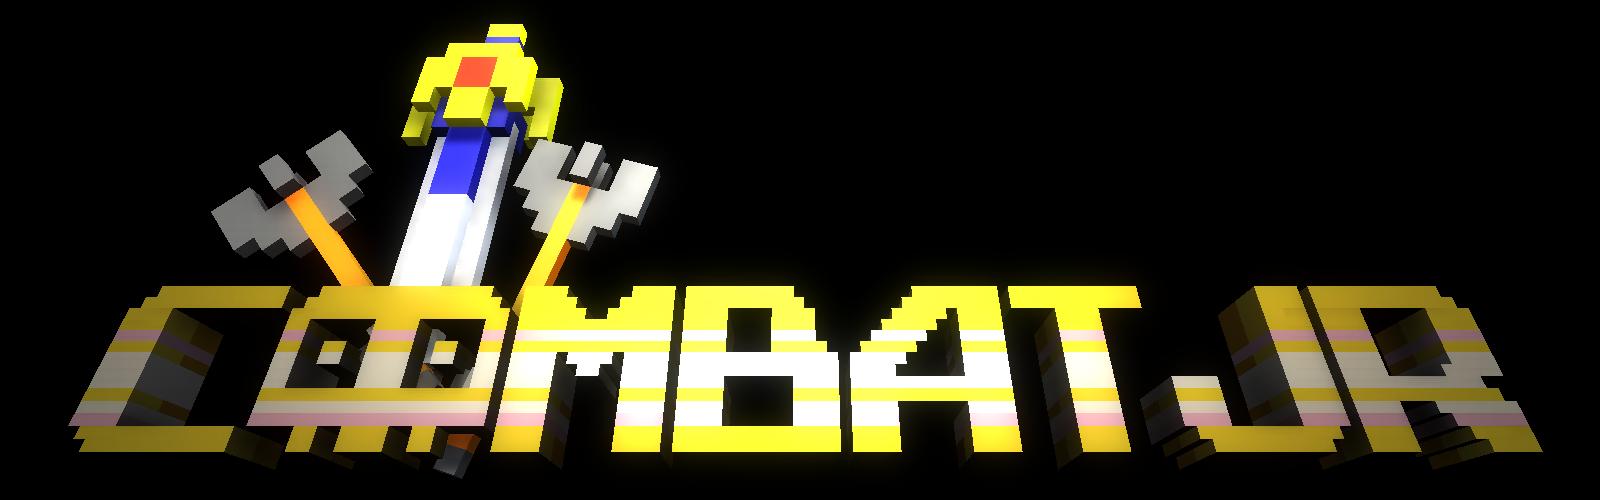 Combat Jr